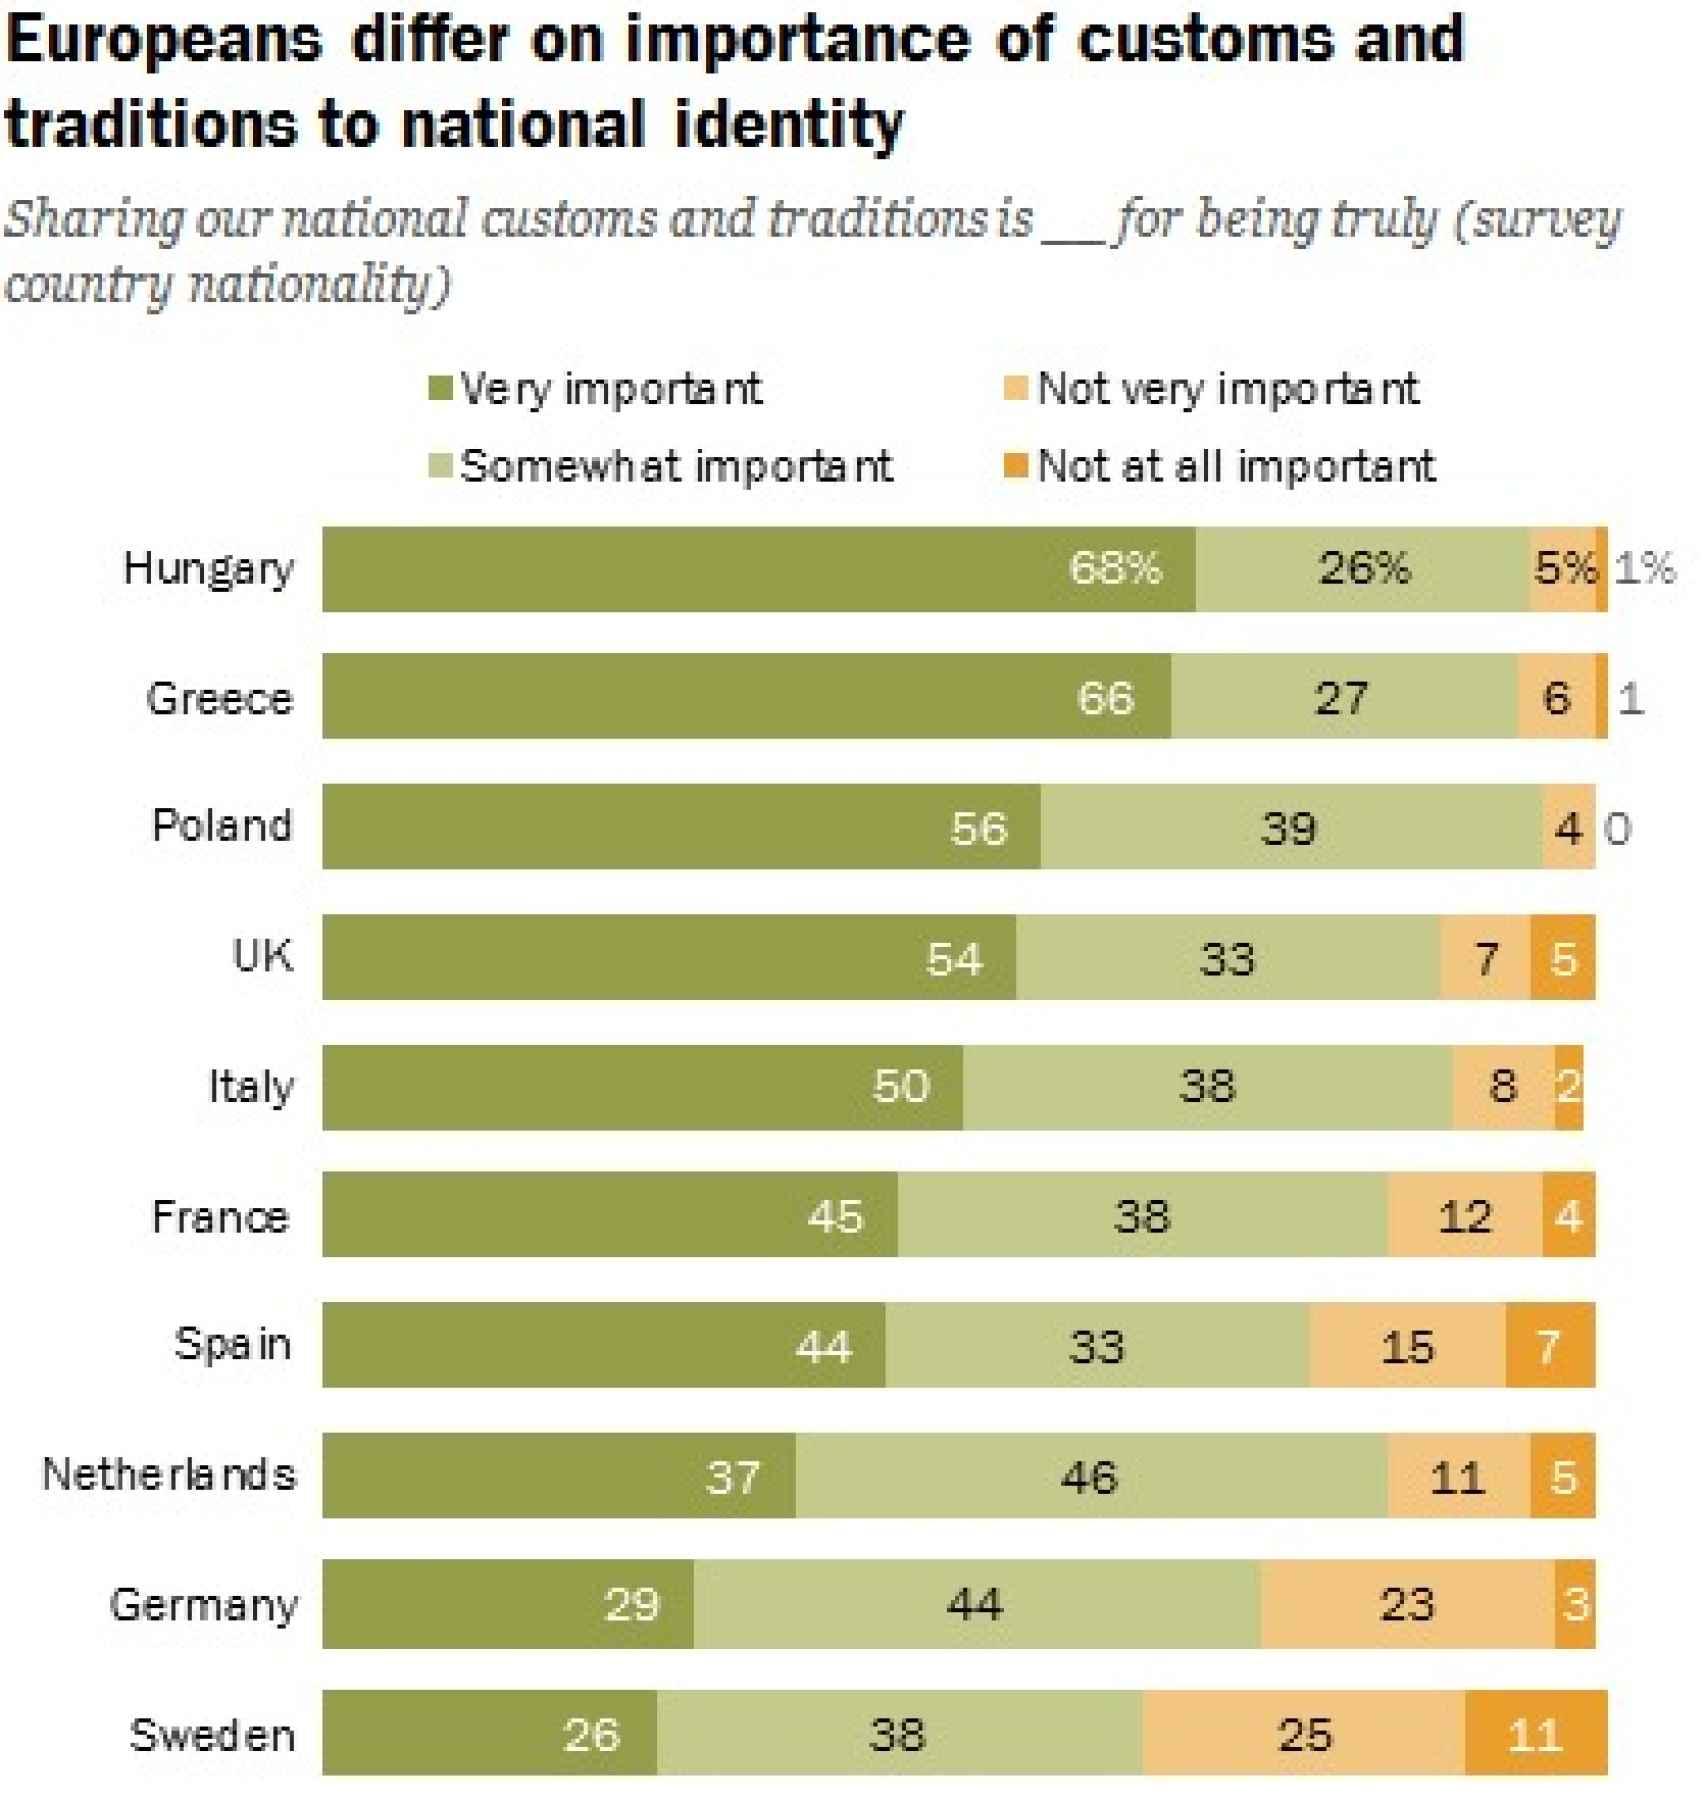 El gráfico que detalla qué importancia se le da en los países europeos estudiados a la adopción de las costumbres de cada nación.